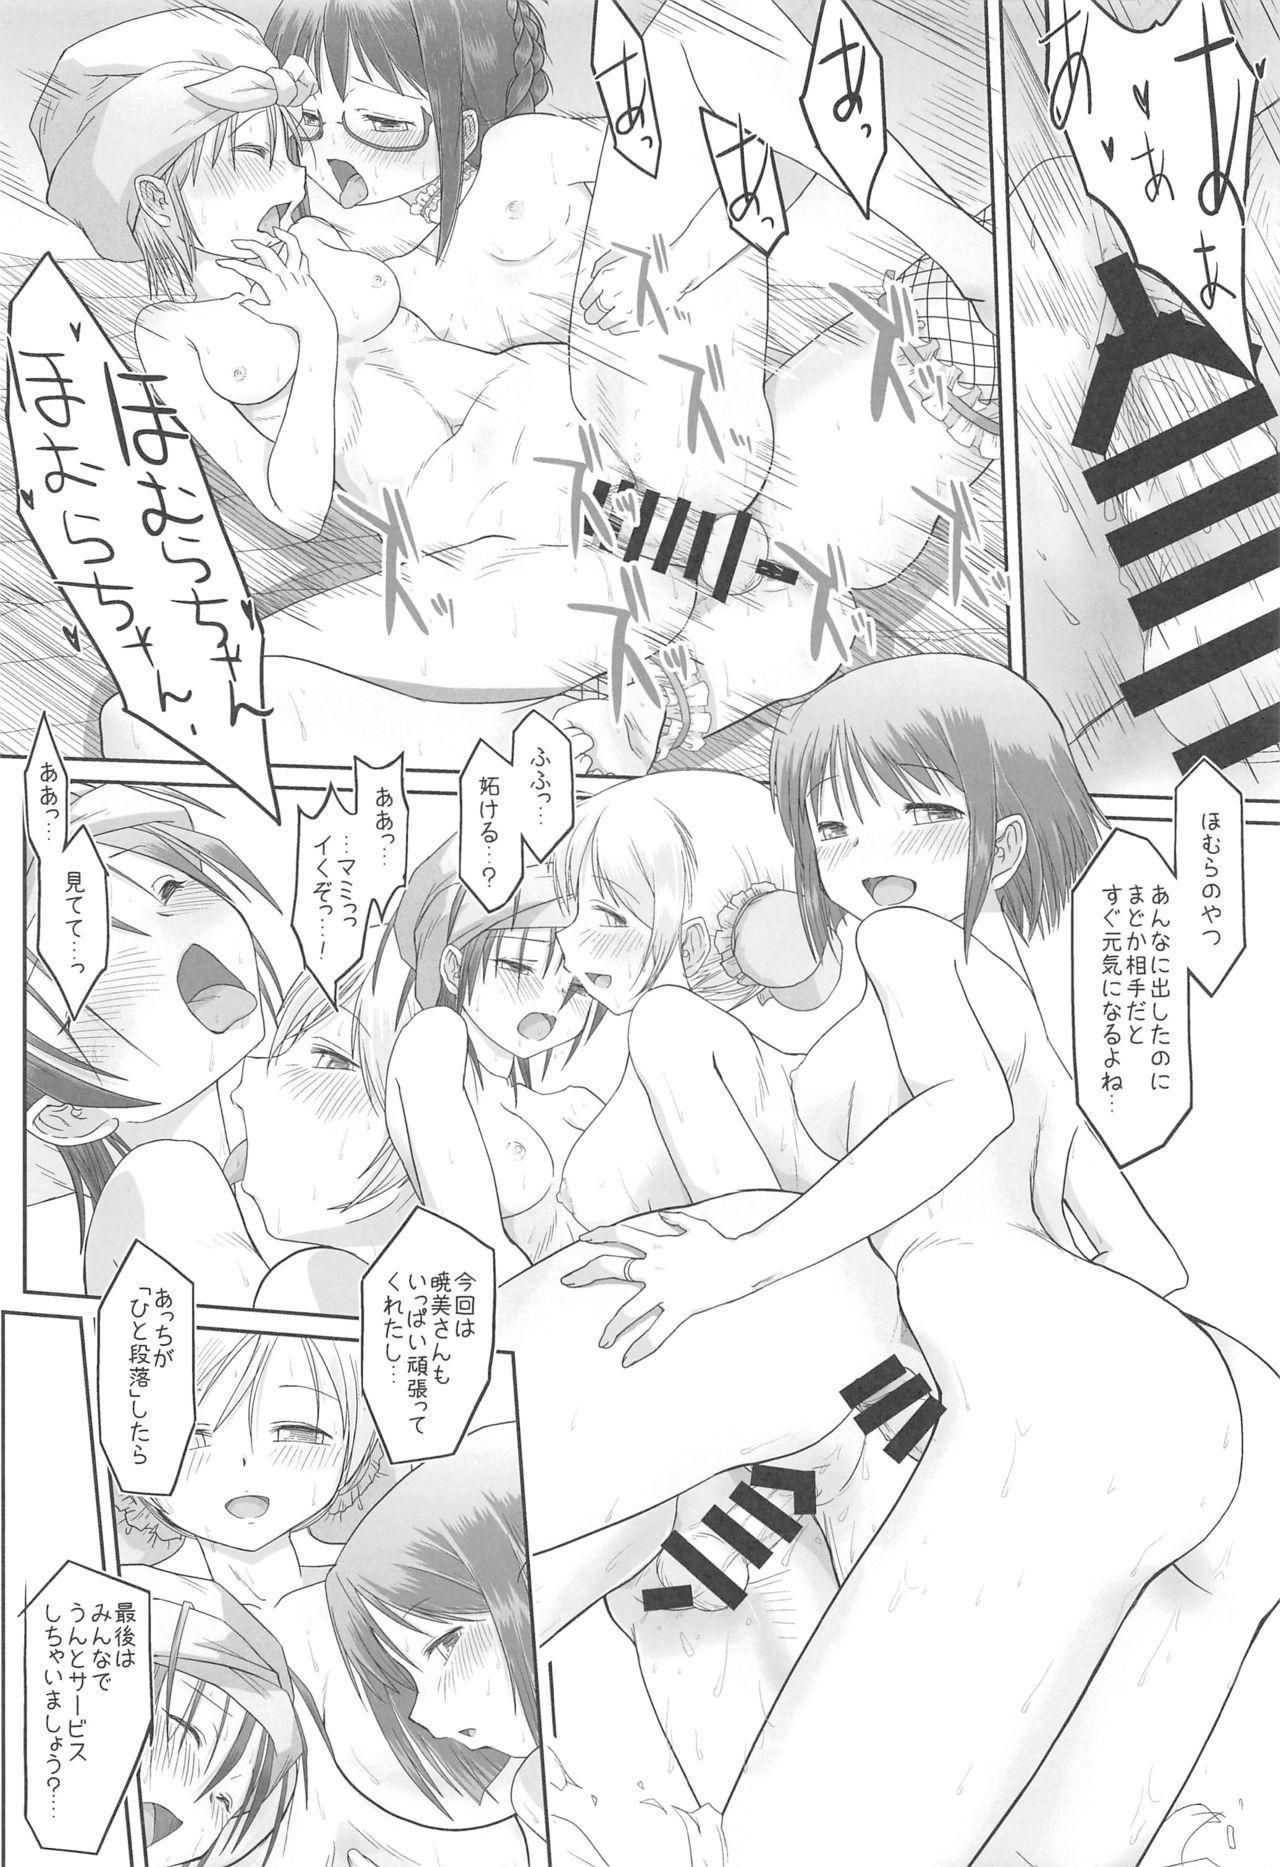 MadoHomu no Yu Puella Magi Dosukebe Onsen 44